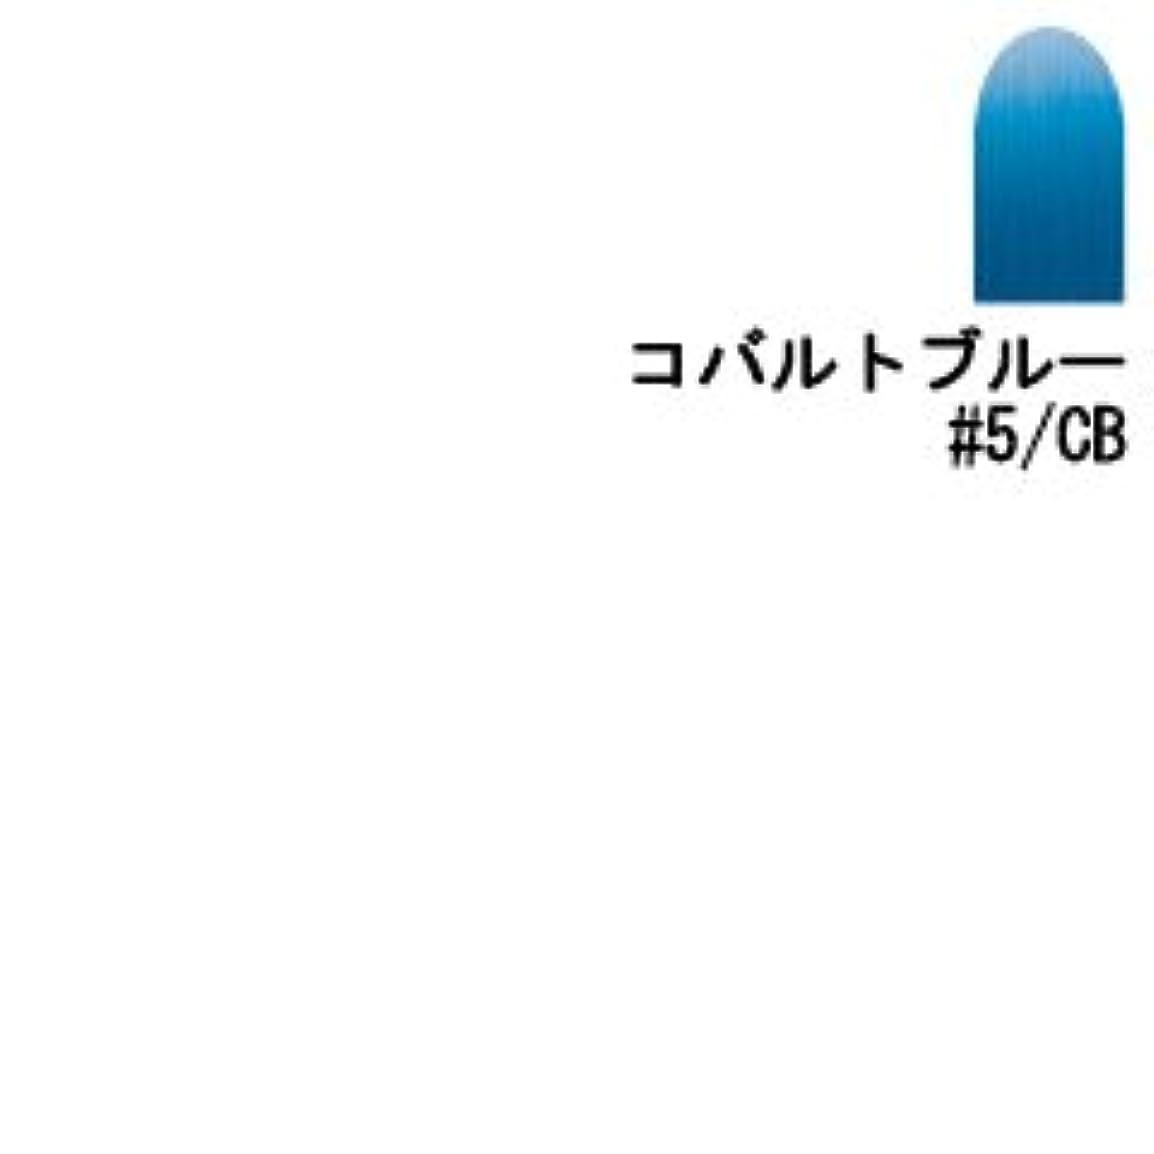 パッケージいいね迫害する【ナンバースリー】プロアクション リクロマ インテンシブライン コバルトブルー #5/CB 80g